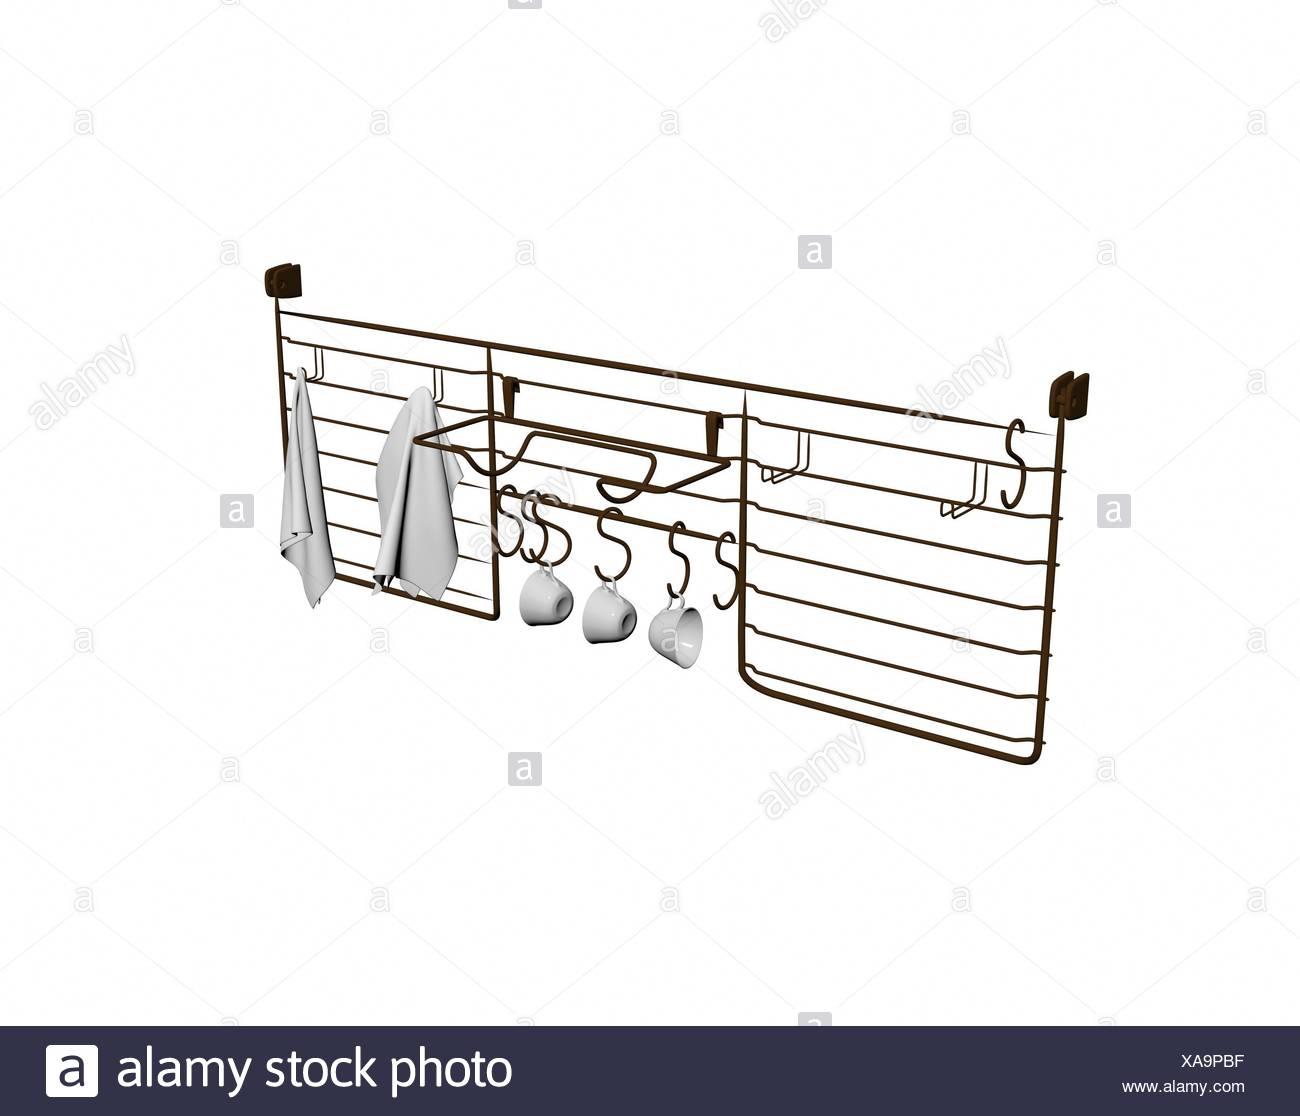 optional kitchen shelf - Stock Image